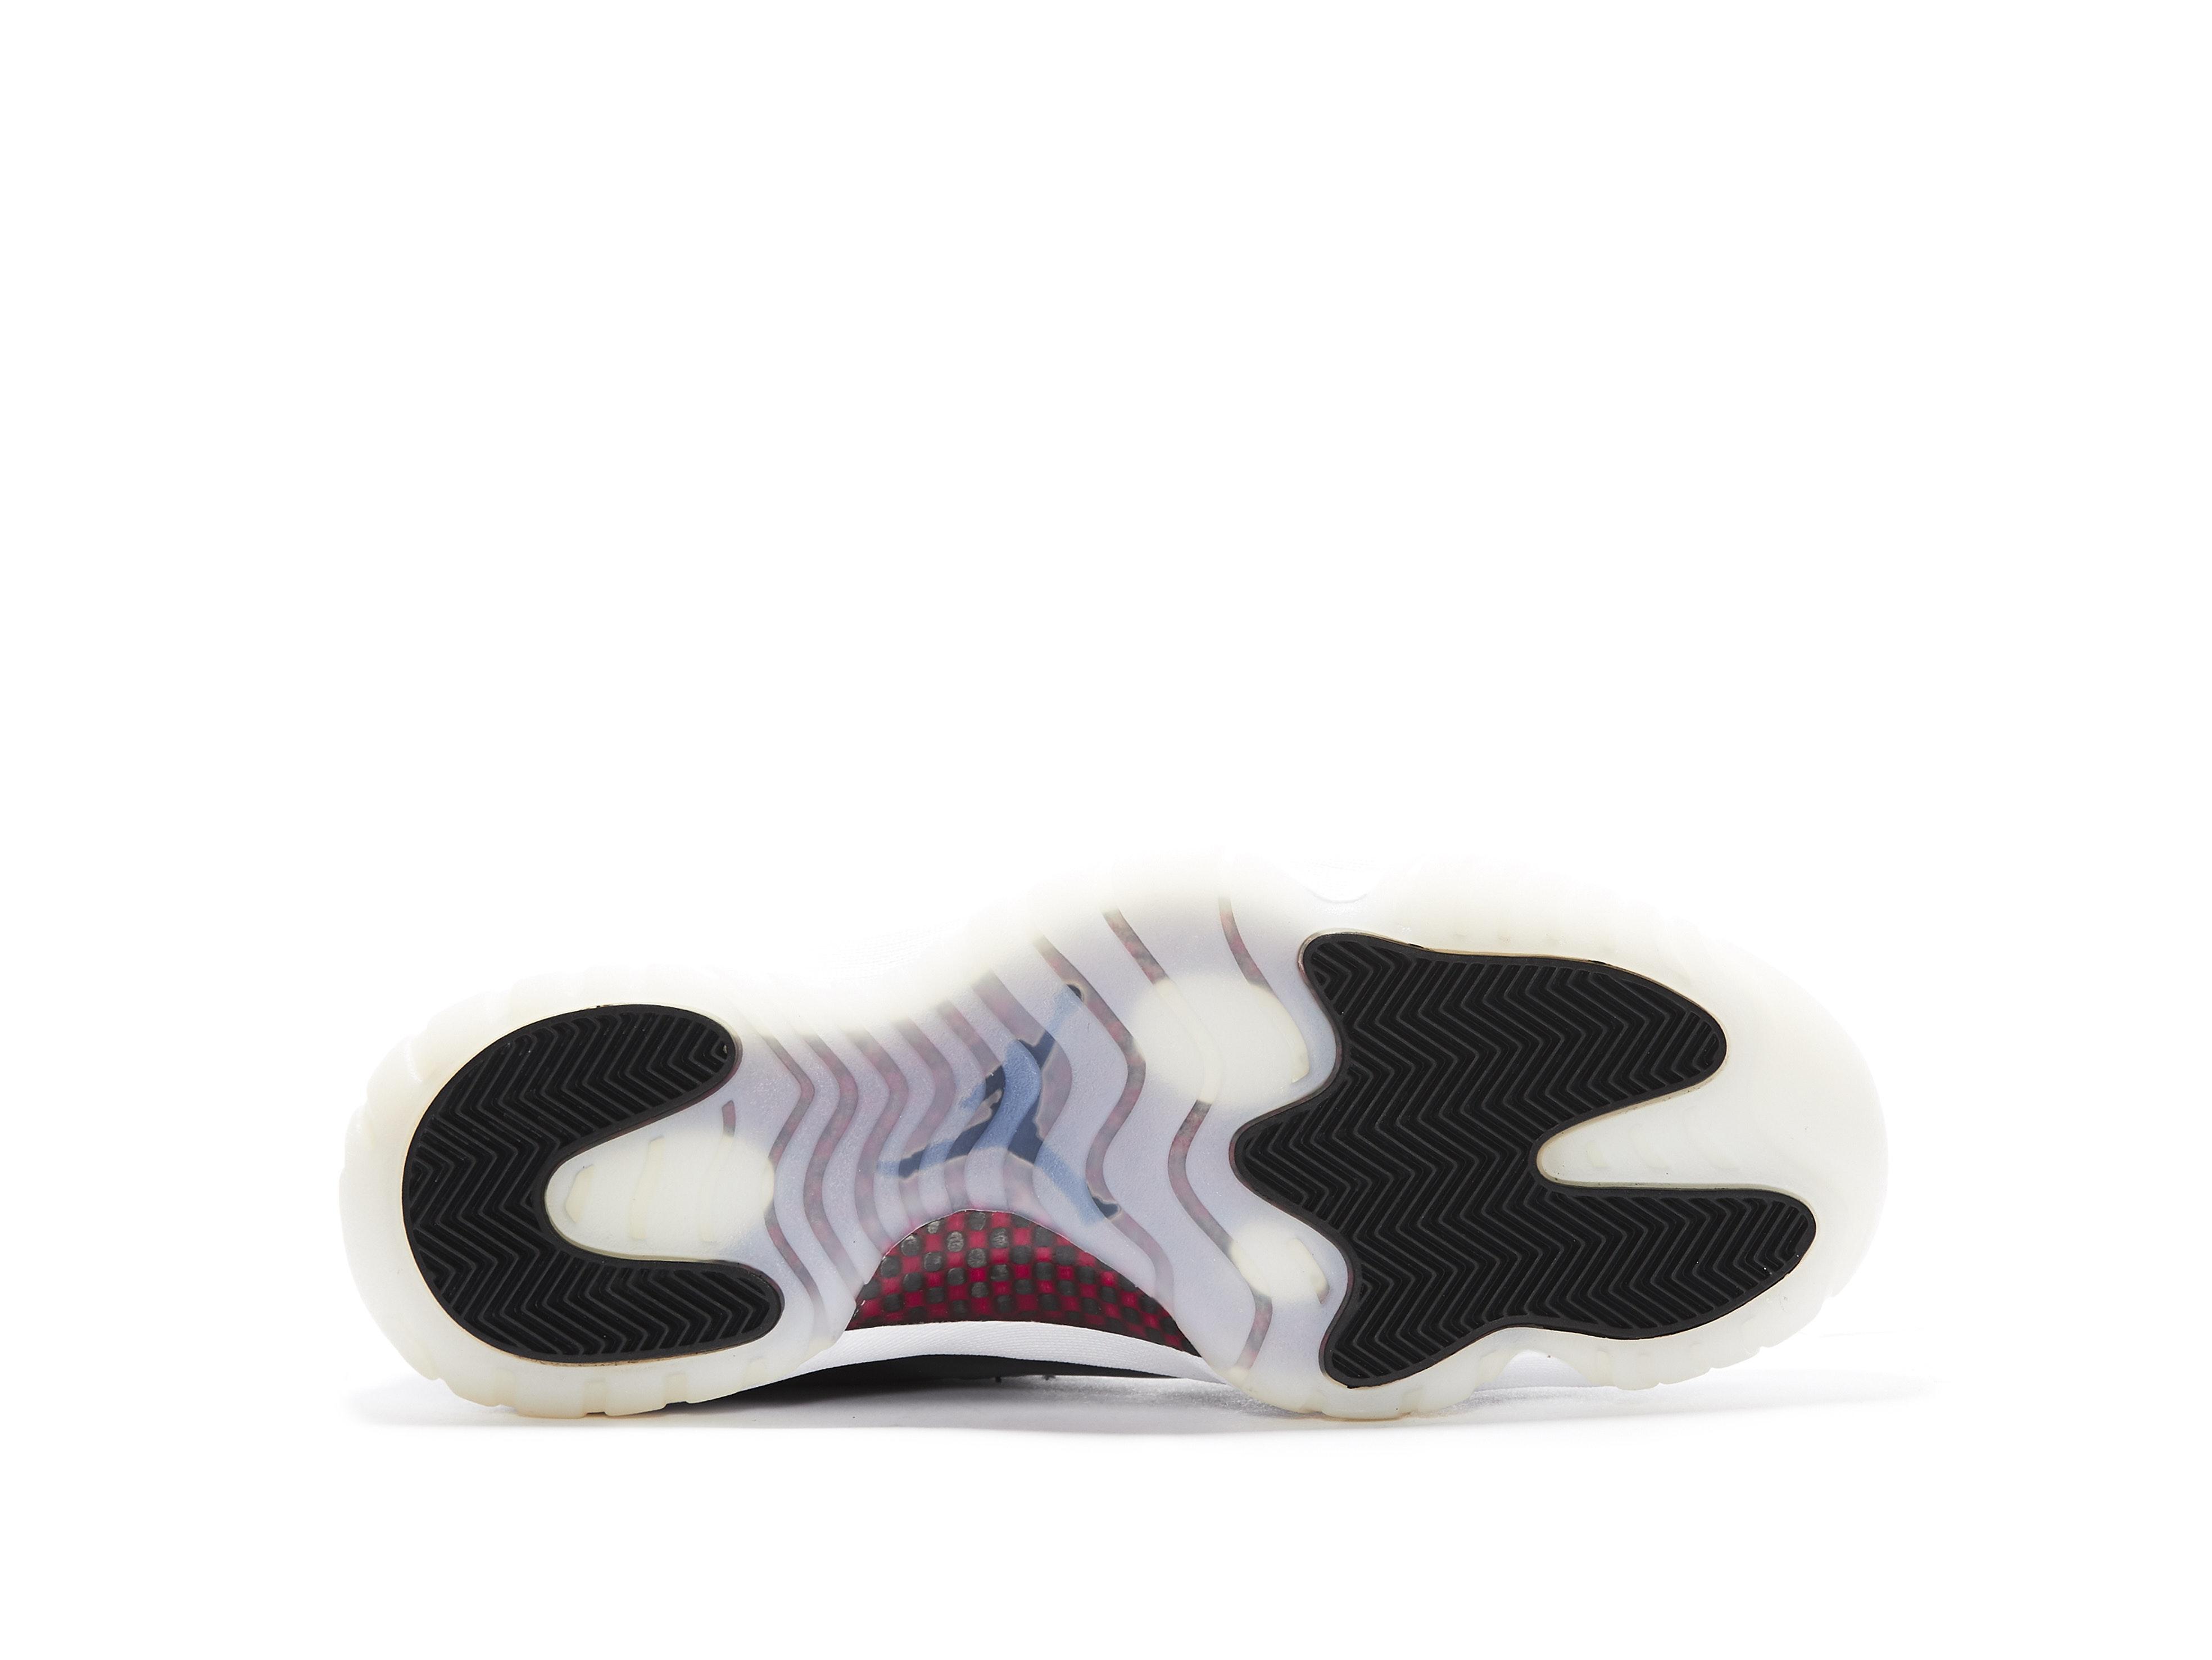 f406715928d093 Shop Air Jordan 11 Retro 72-10 Online